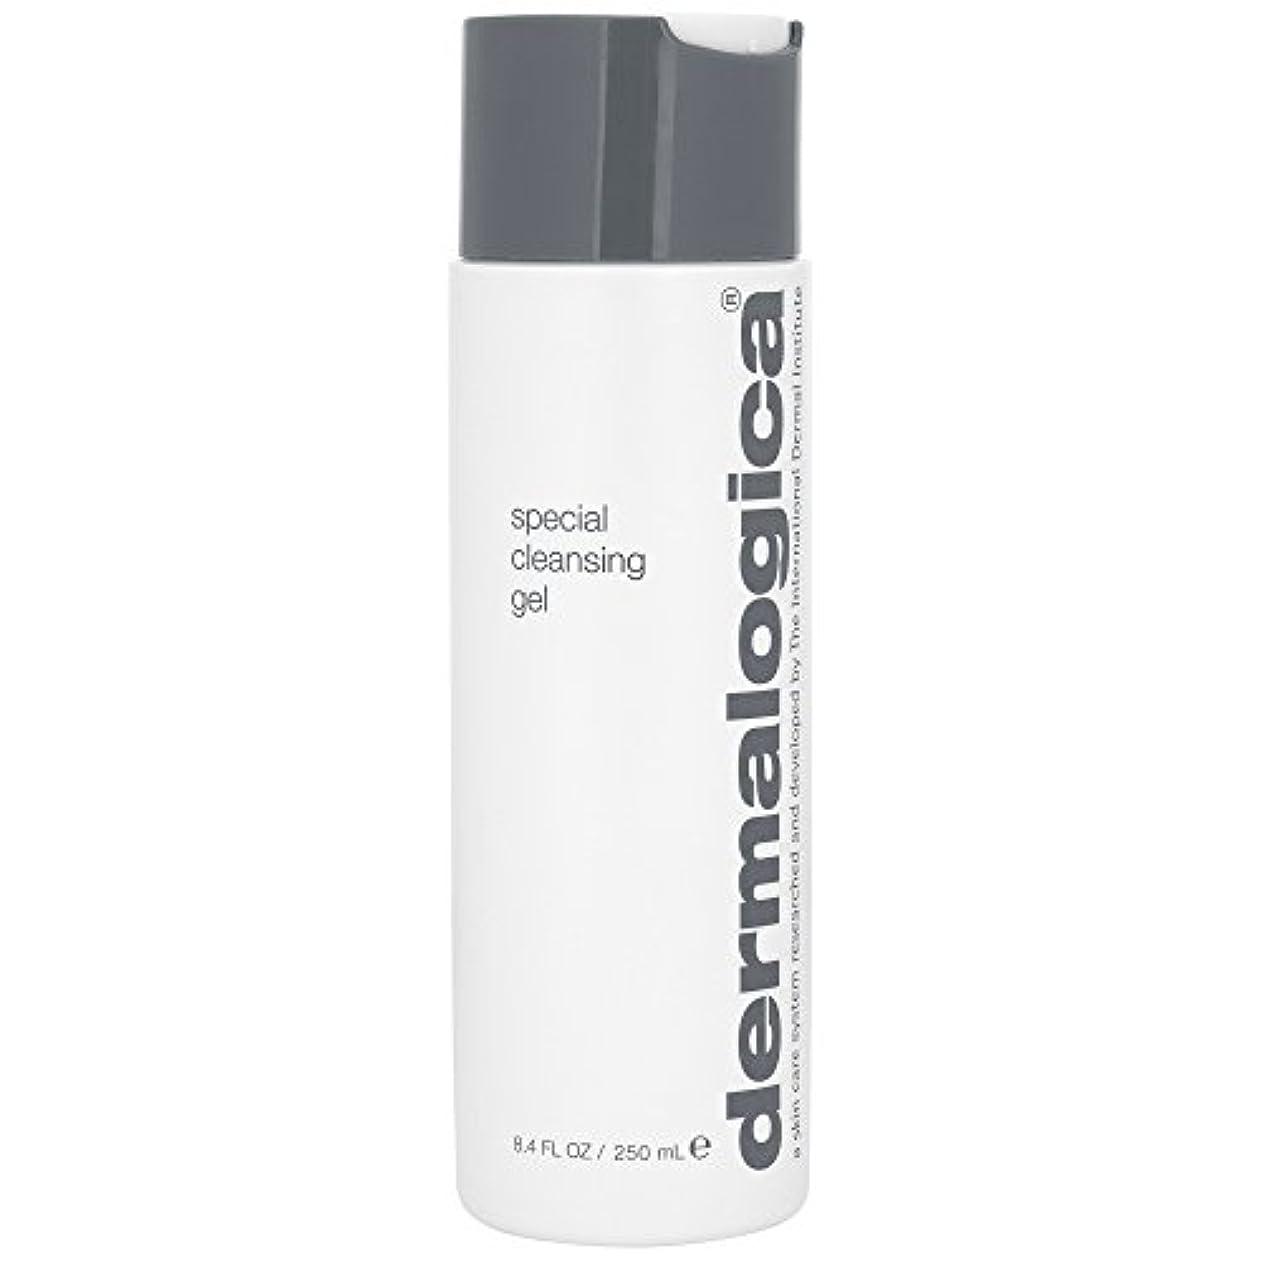 気づくマッサージ無視ダーマロジカ特別なクレンジングゲル250ミリリットル (Dermalogica) - Dermalogica Special Cleansing Gel 250ml [並行輸入品]